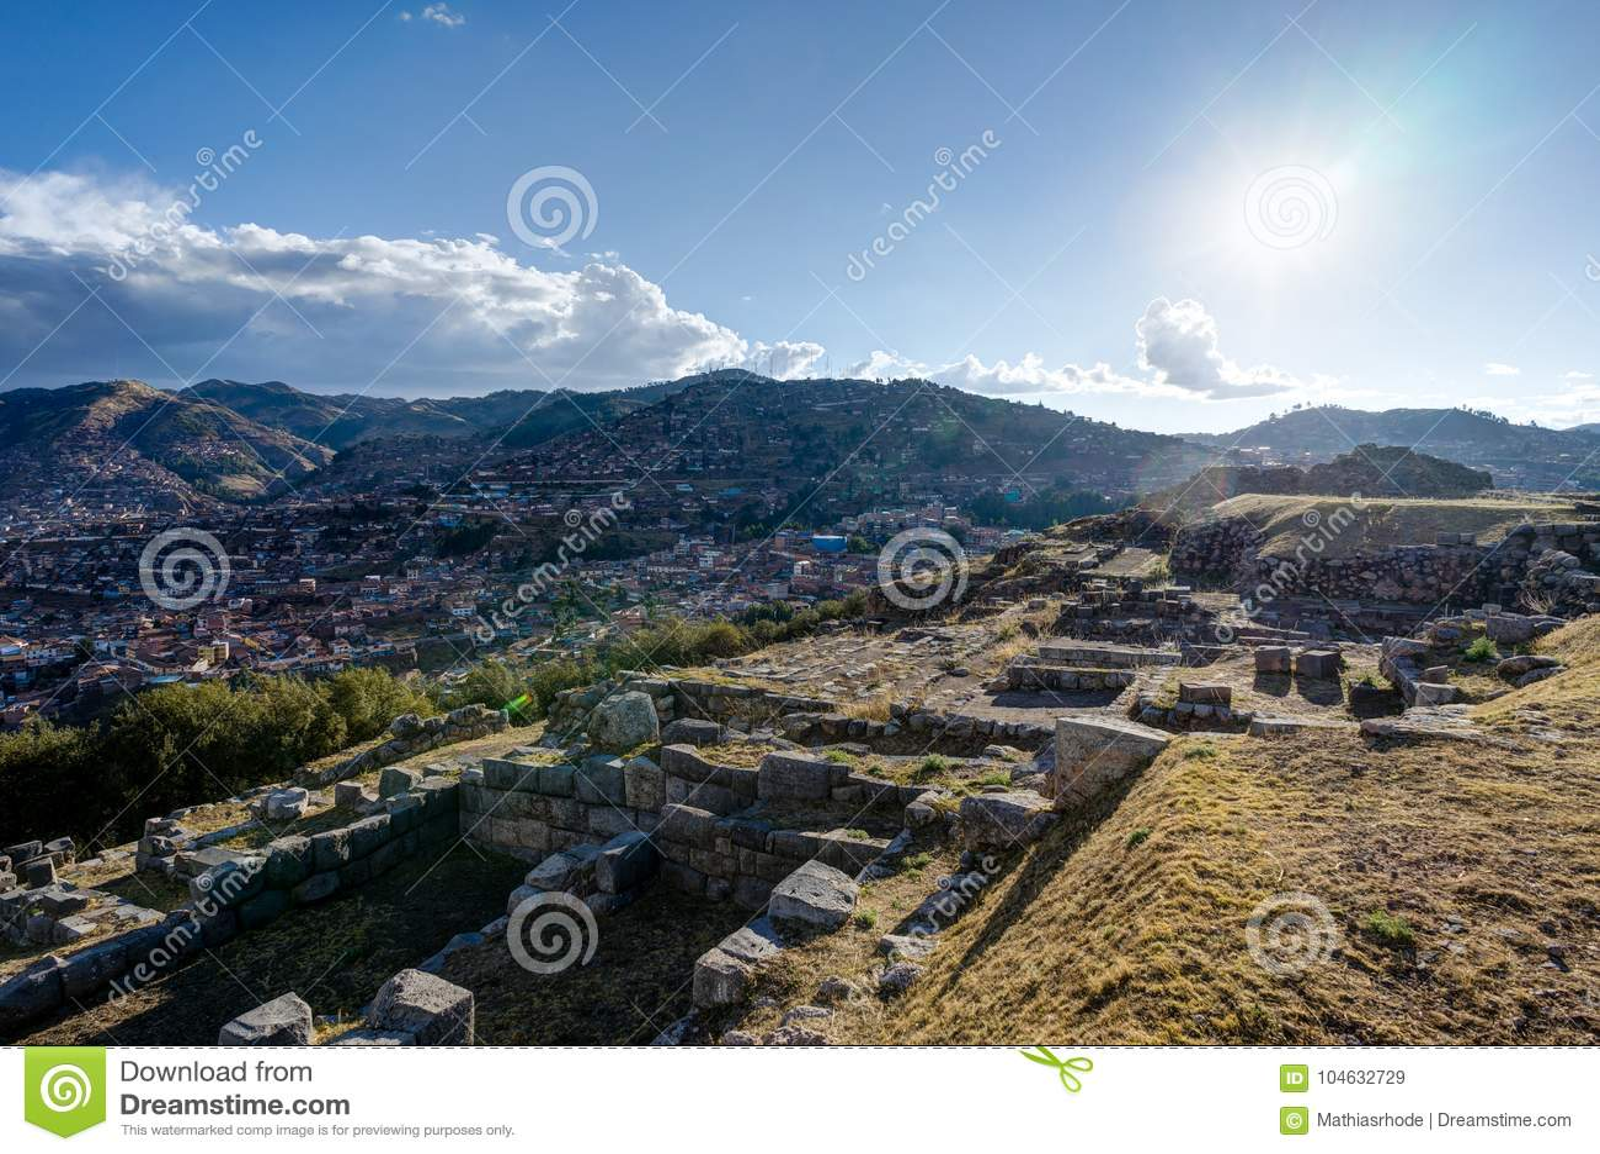 Download Mening Over Cusco Peru Met Blauwe Hemel En Wolken Stock Afbeelding - Afbeelding bestaande uit rots, heuvel: 104632729